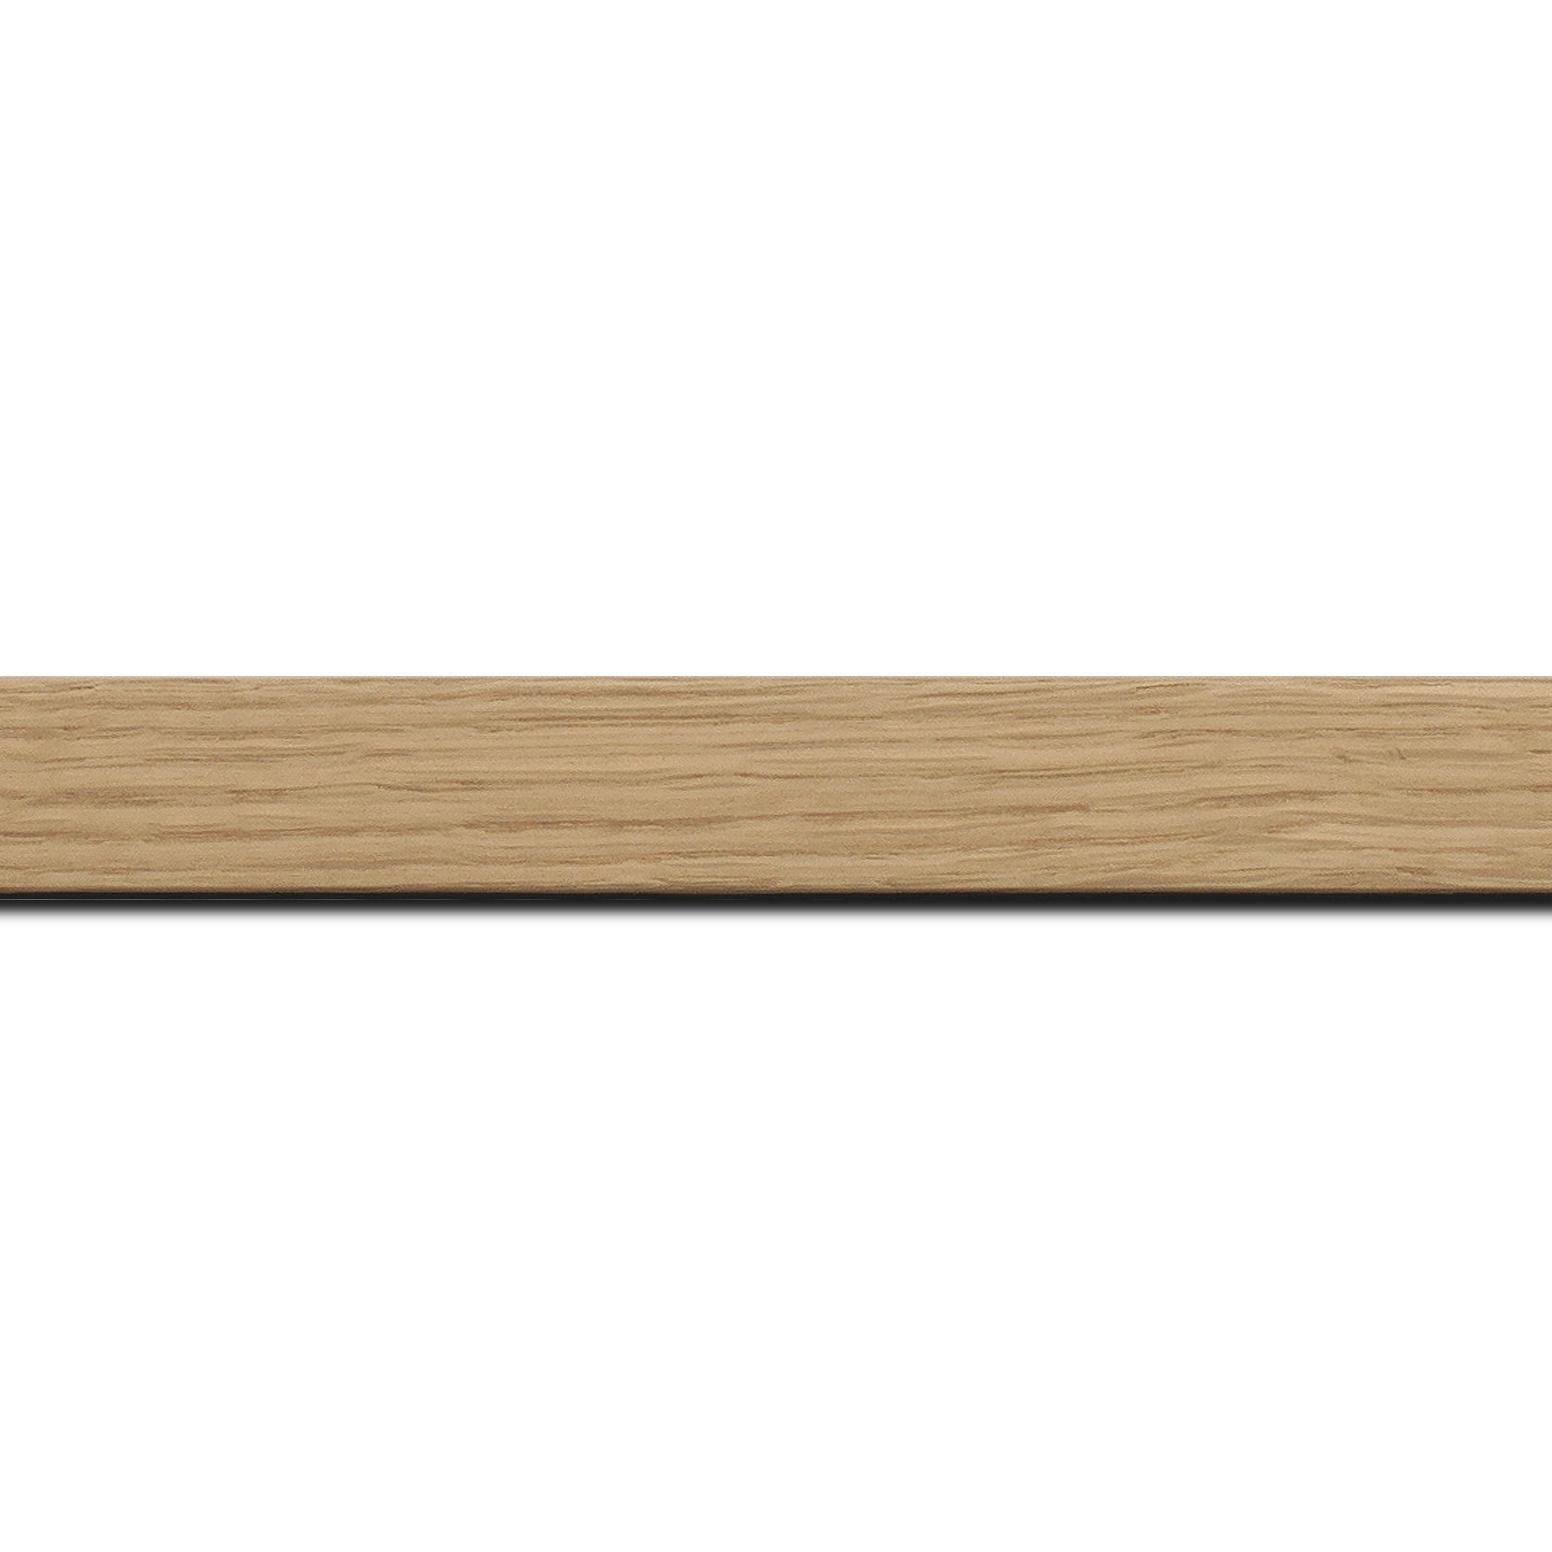 Pack par 12m, bois profil plat largeur 2.5cm plaquage haut de gamme chêne naturel(longueur baguette pouvant varier entre 2.40m et 3m selon arrivage des bois)